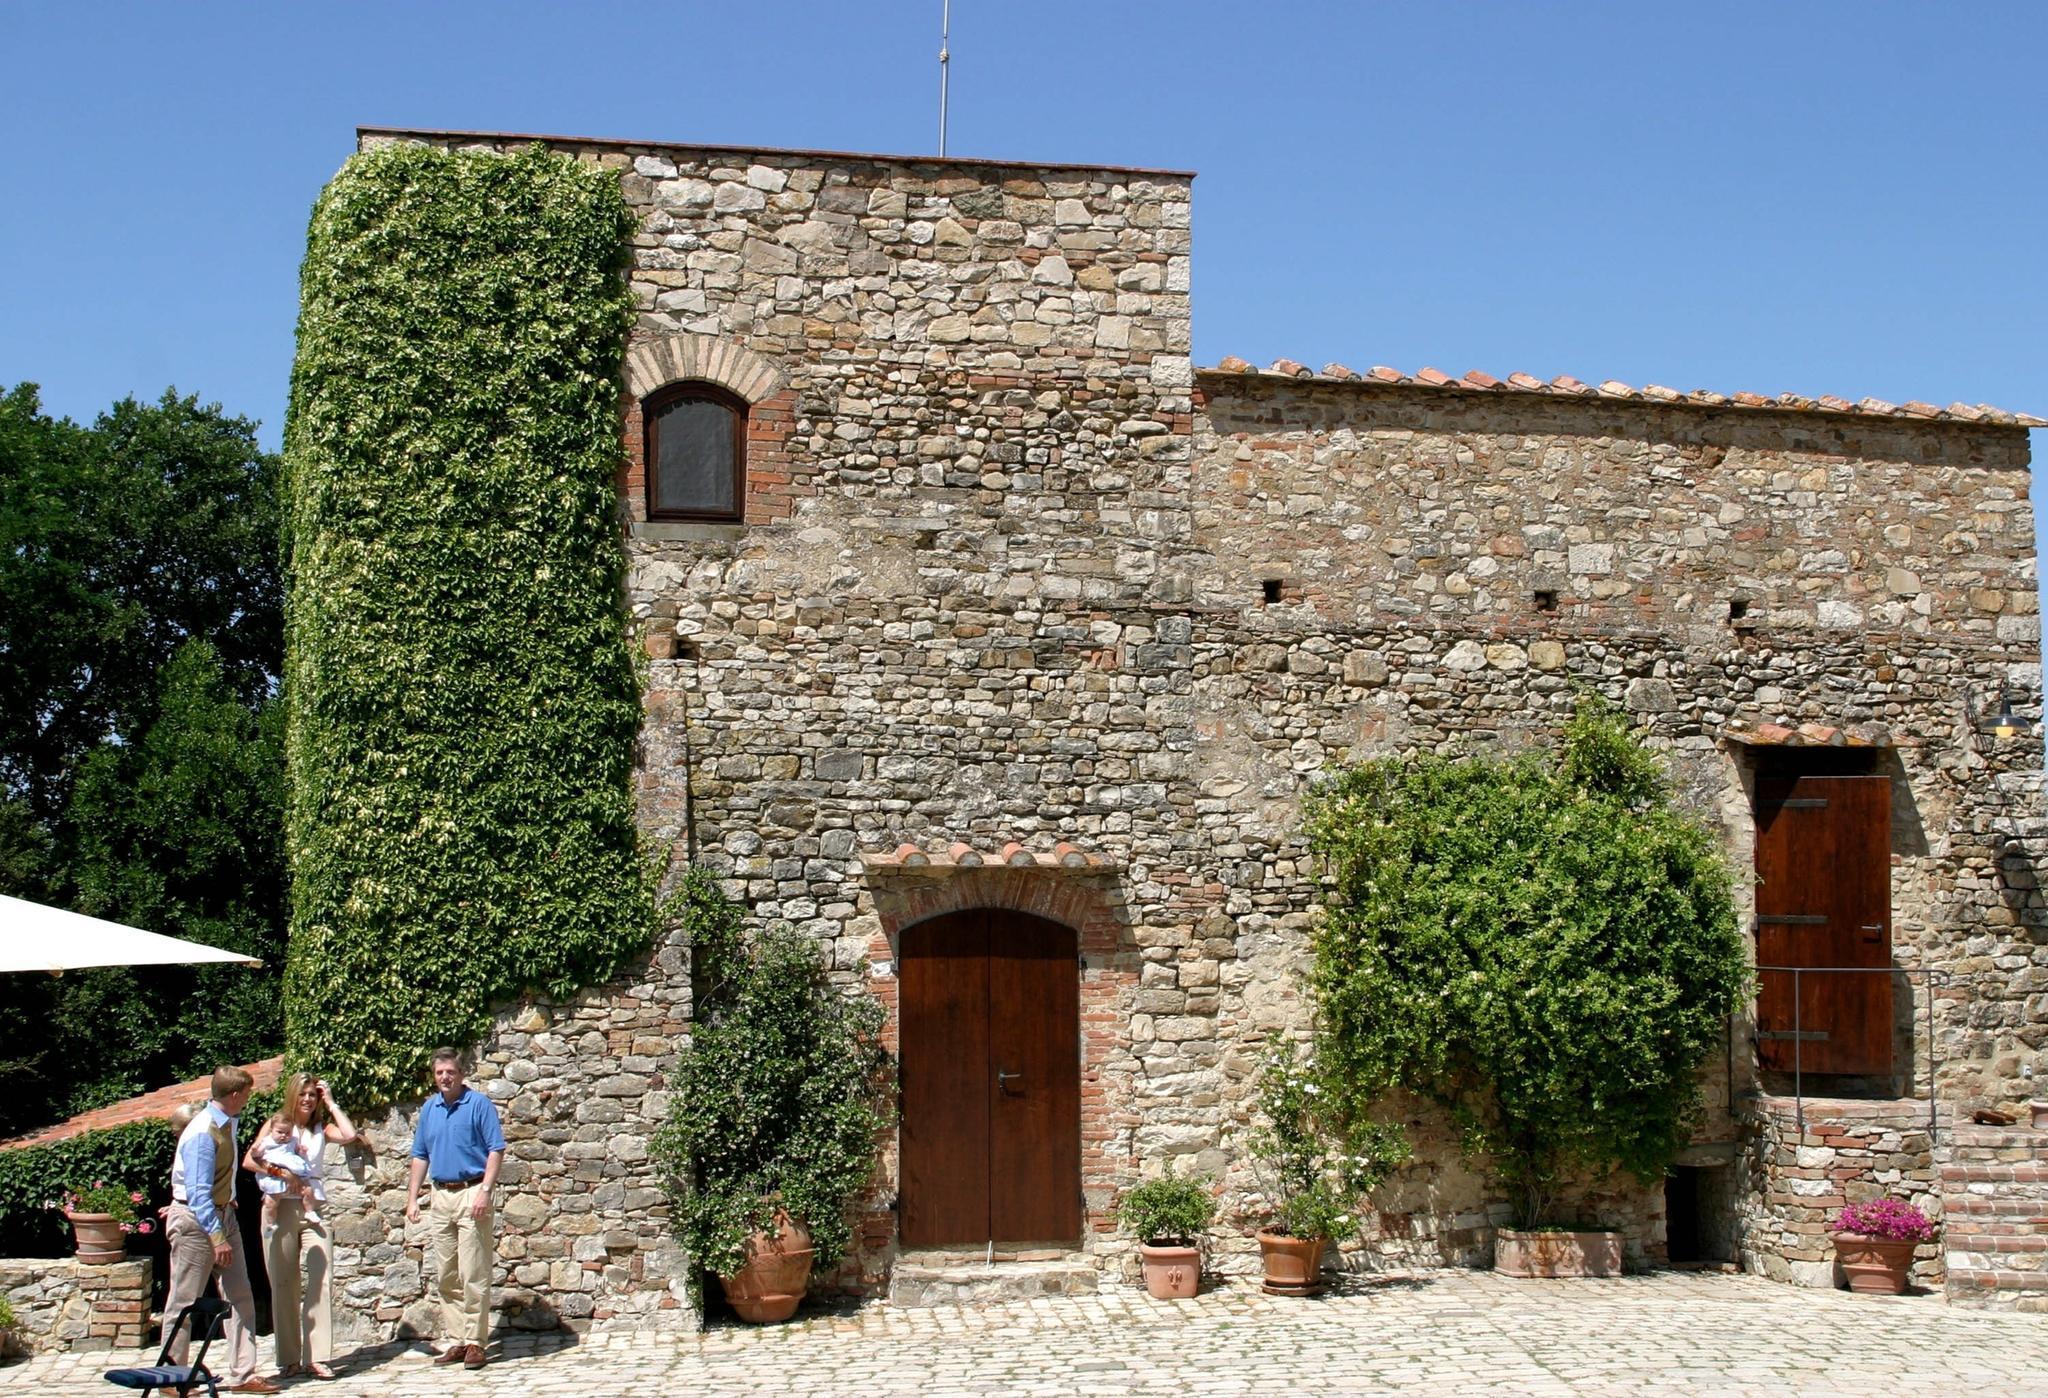 Das Ferienhaus der niederländischen Royals in Italien.